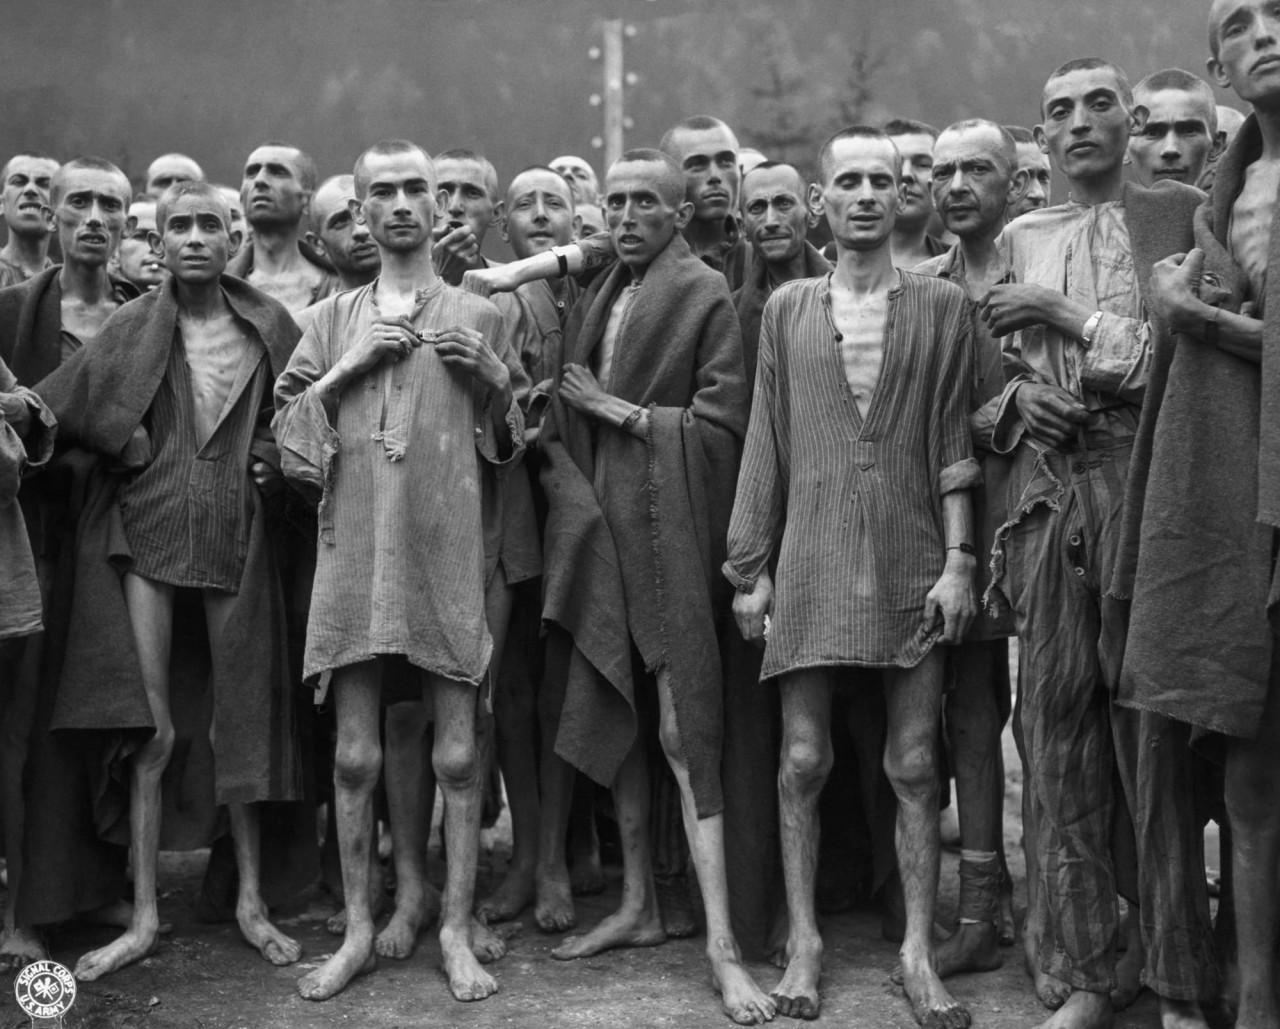 Что такое холокост?. знакомство с понятием холокост. в статье рассмотрено понятие холокоста и  масштабы всемирной трагедии.